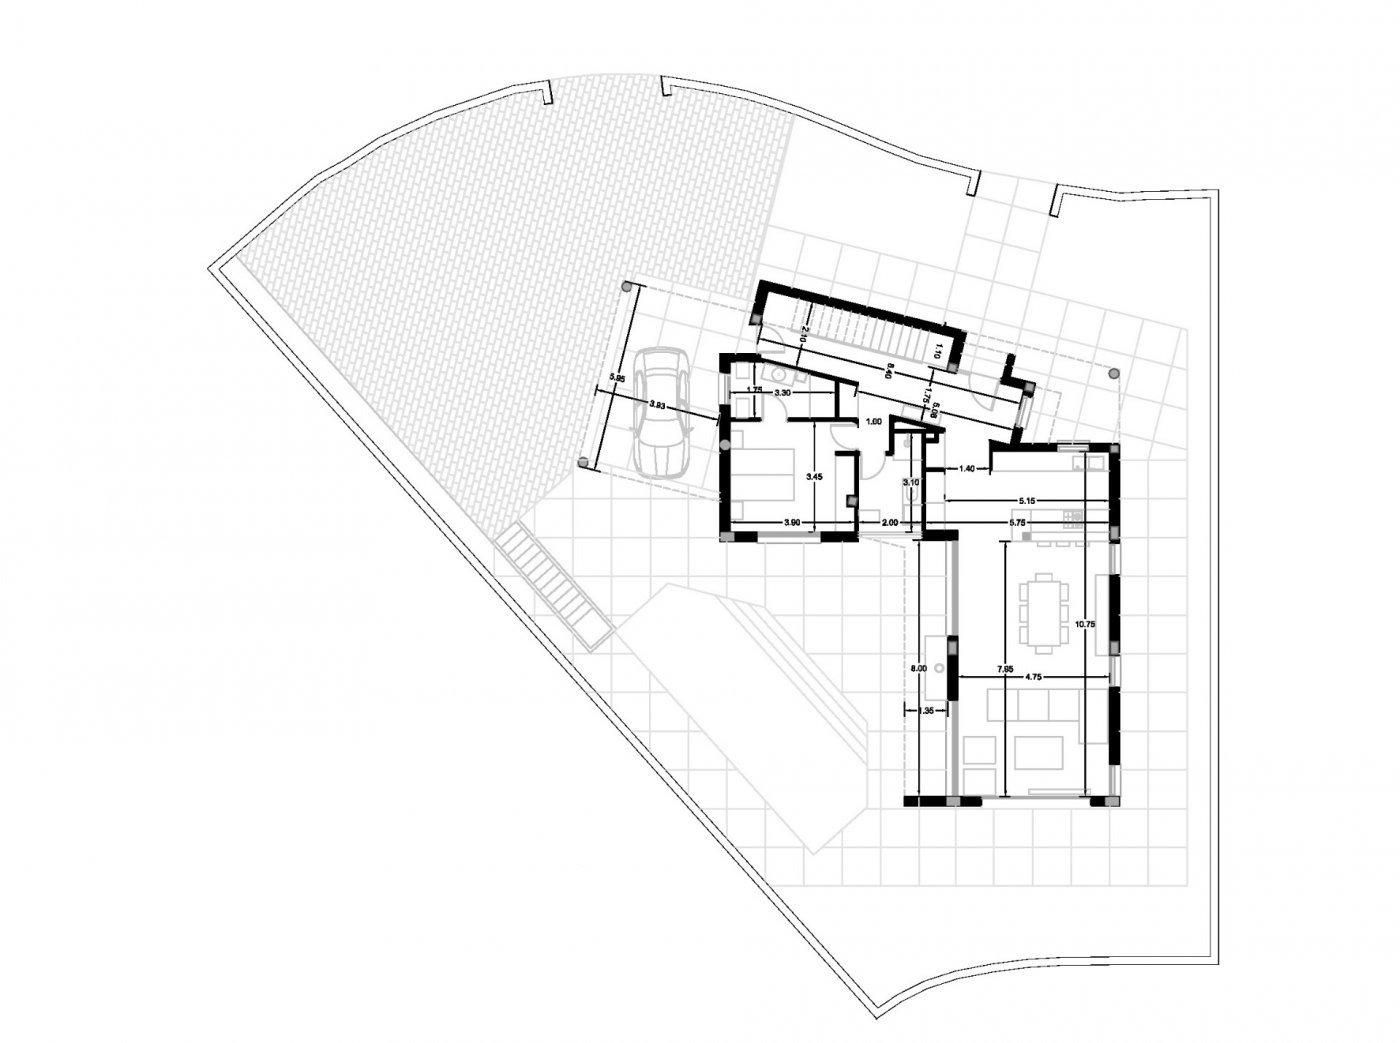 Villa de obra nueva de estilo moderno en venta en calpe a 600 m de la playa - imagenInmueble25